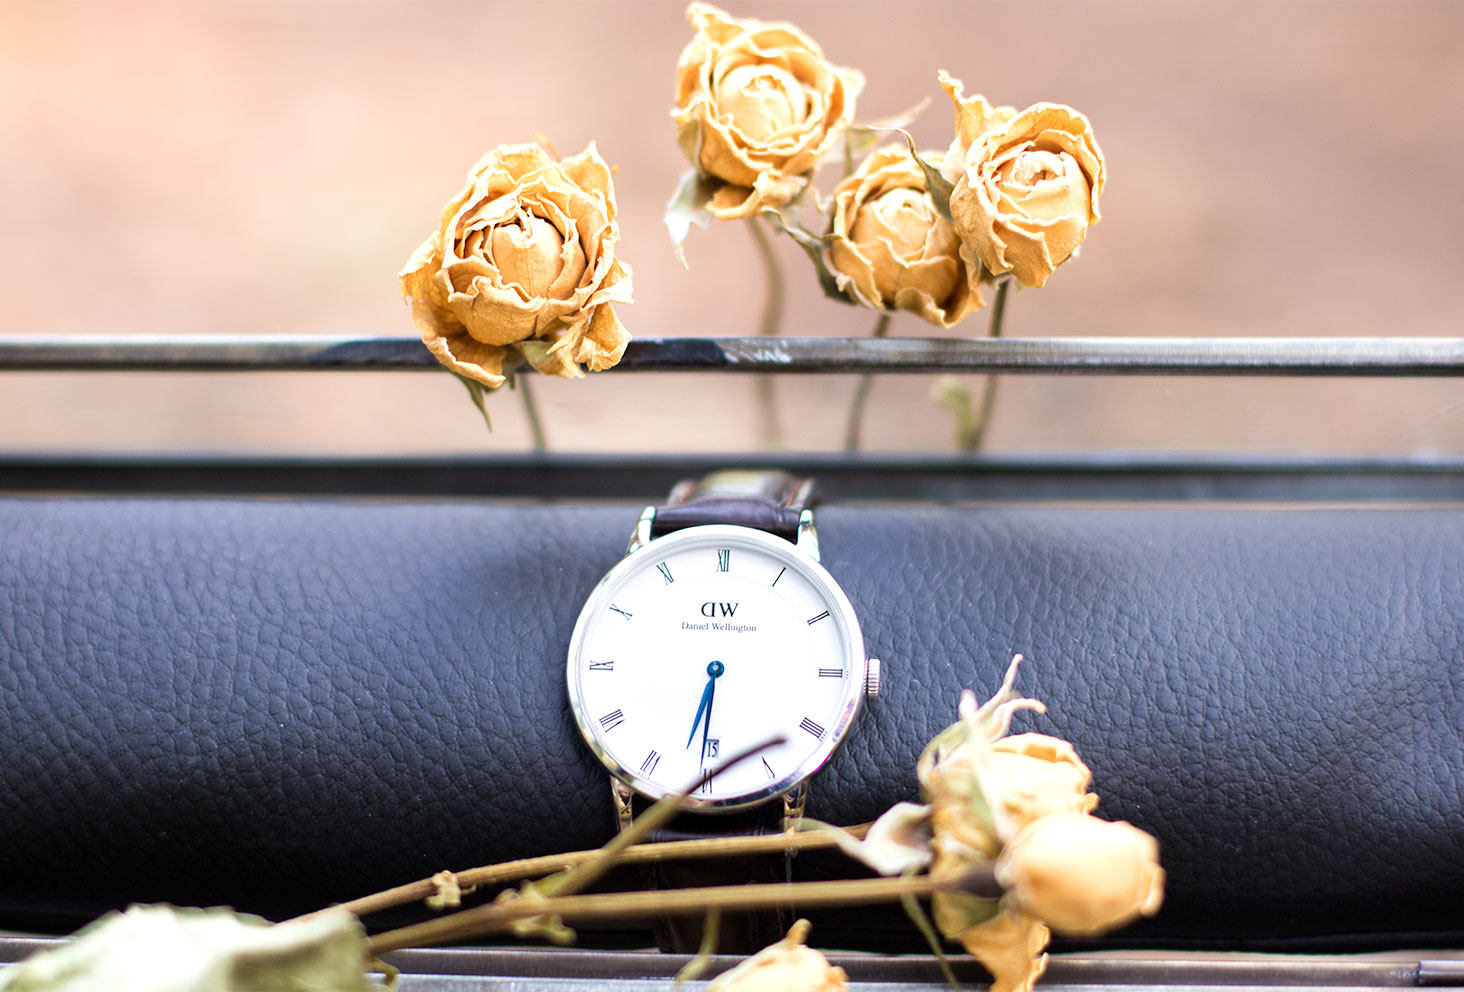 La montre Dapper York de Daniel Wellington posée sur le coussin noir de la boîte de rangement en verre au milieu des roses jaunes séchées